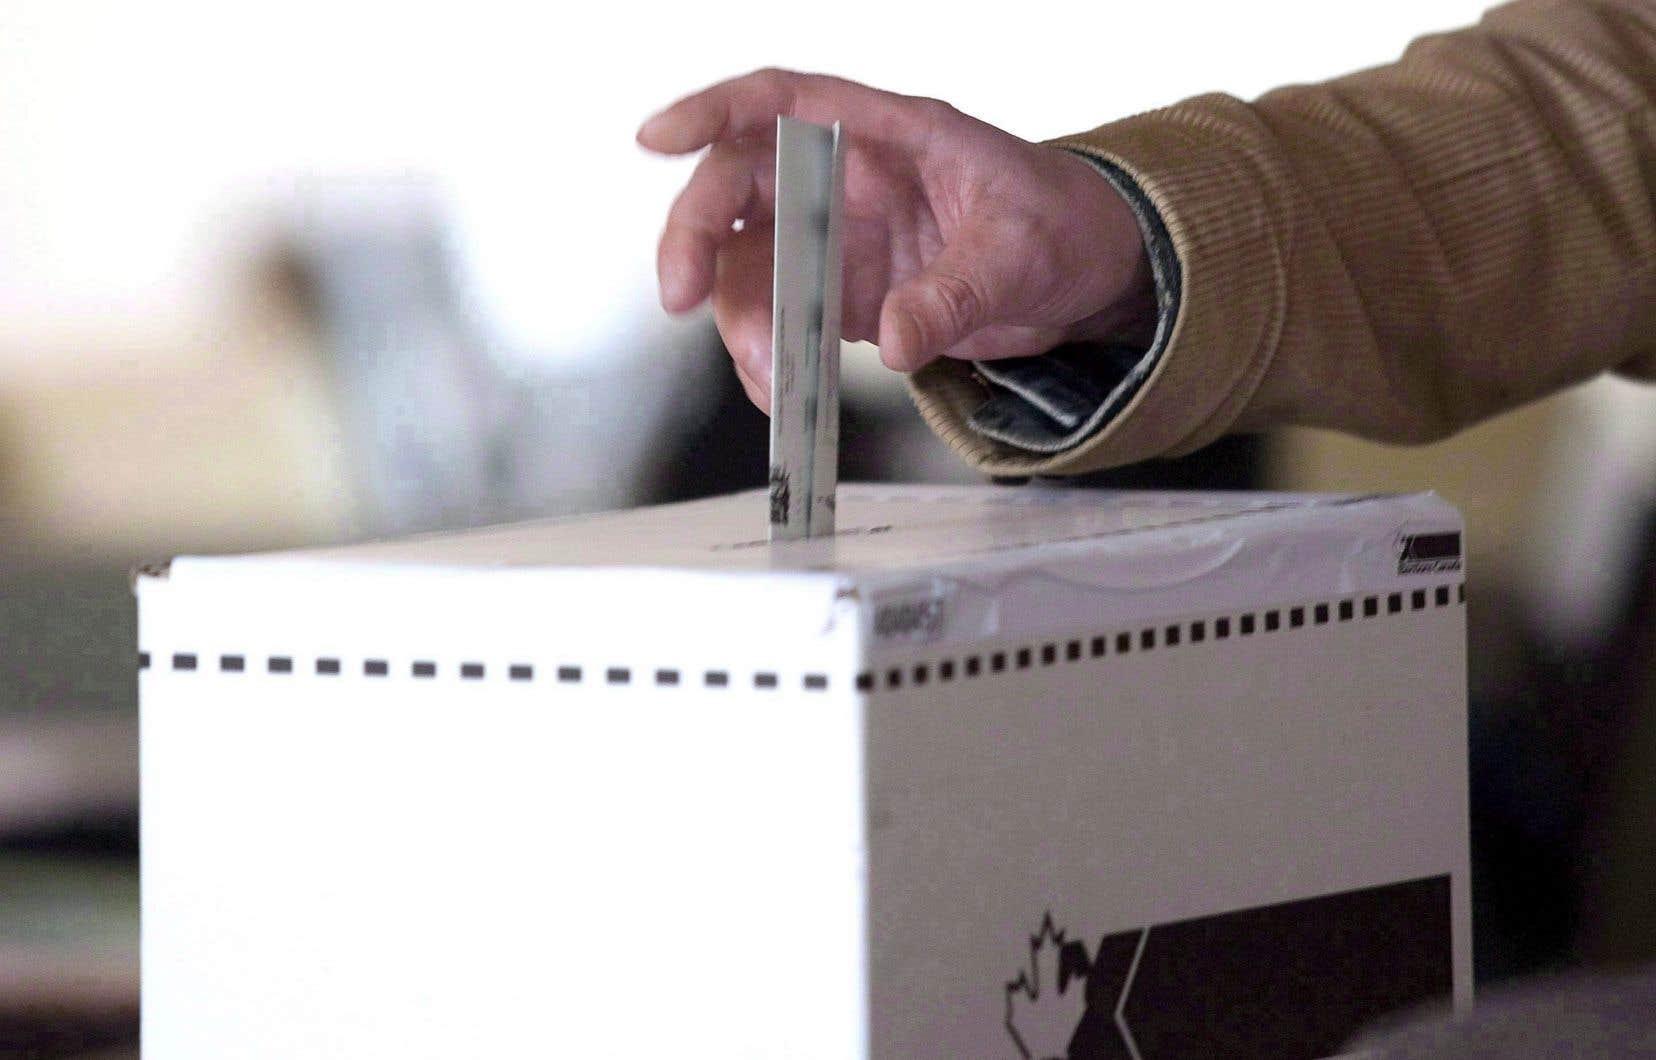 Après quela Cour fédérale lui a ordonné, la semaine dernière, de réexaminer l'éventualité d'un report des élections, ledirecteur général des élections (DGE) du Canada a refusé une deuxième fois de déplacer la date des prochaines élections.